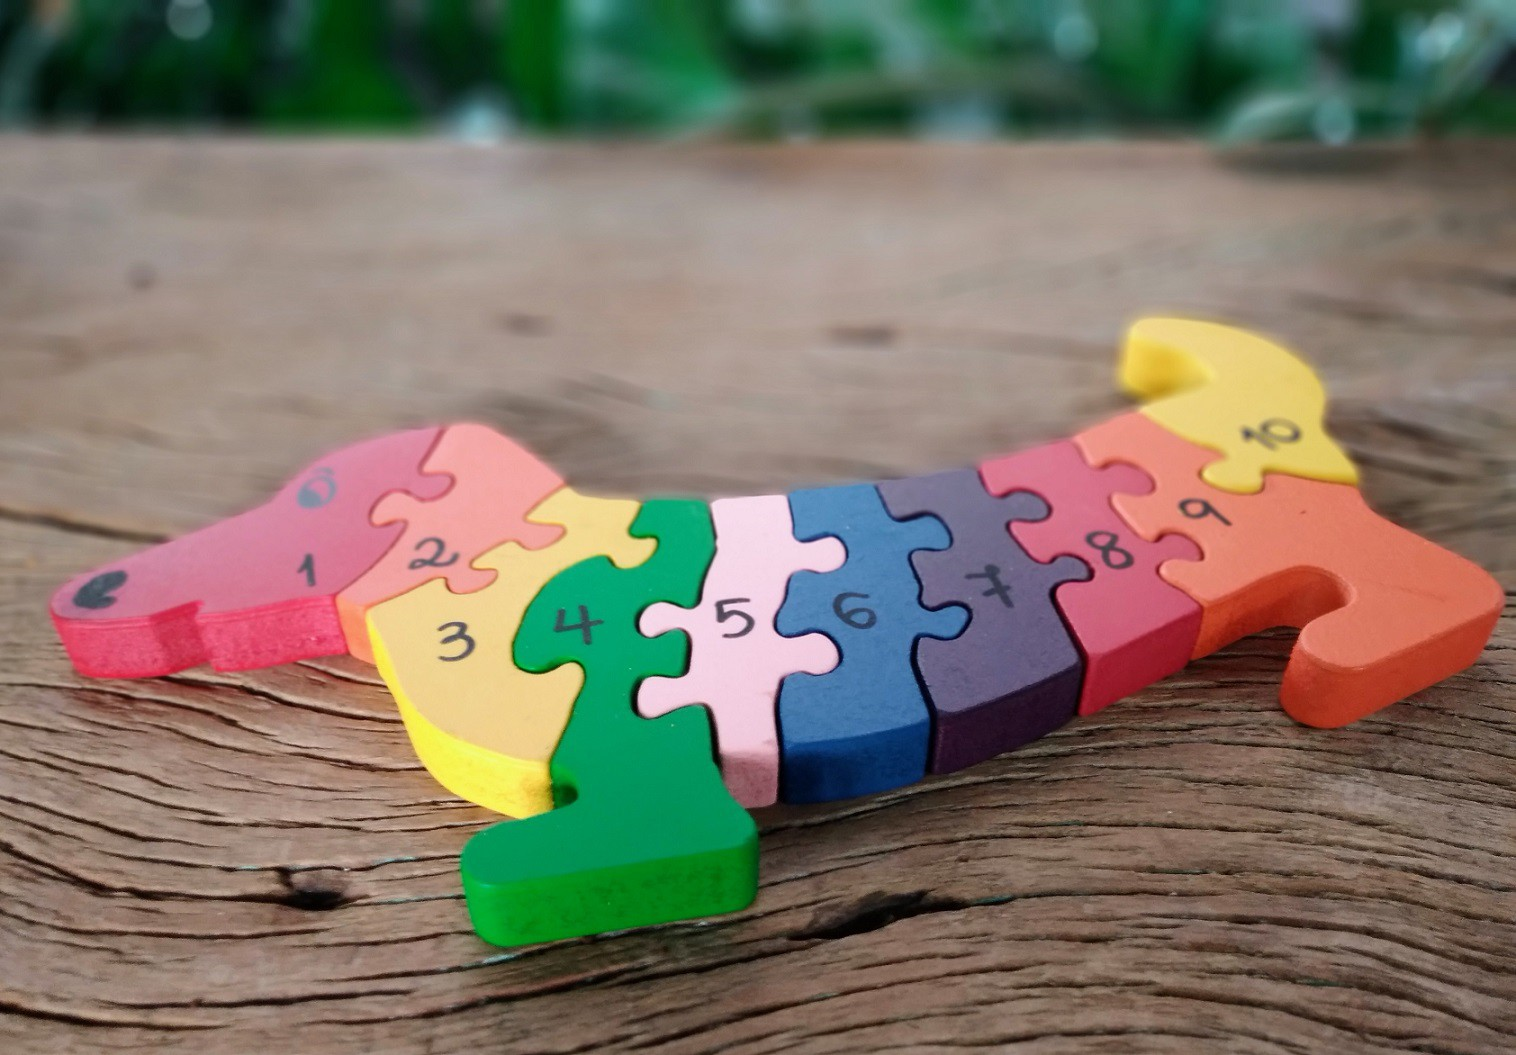 Brinquedo de madeira Quebra-cabeça com Números - Cachorro, da Fábrika dos Sonhos - Cód. FS01